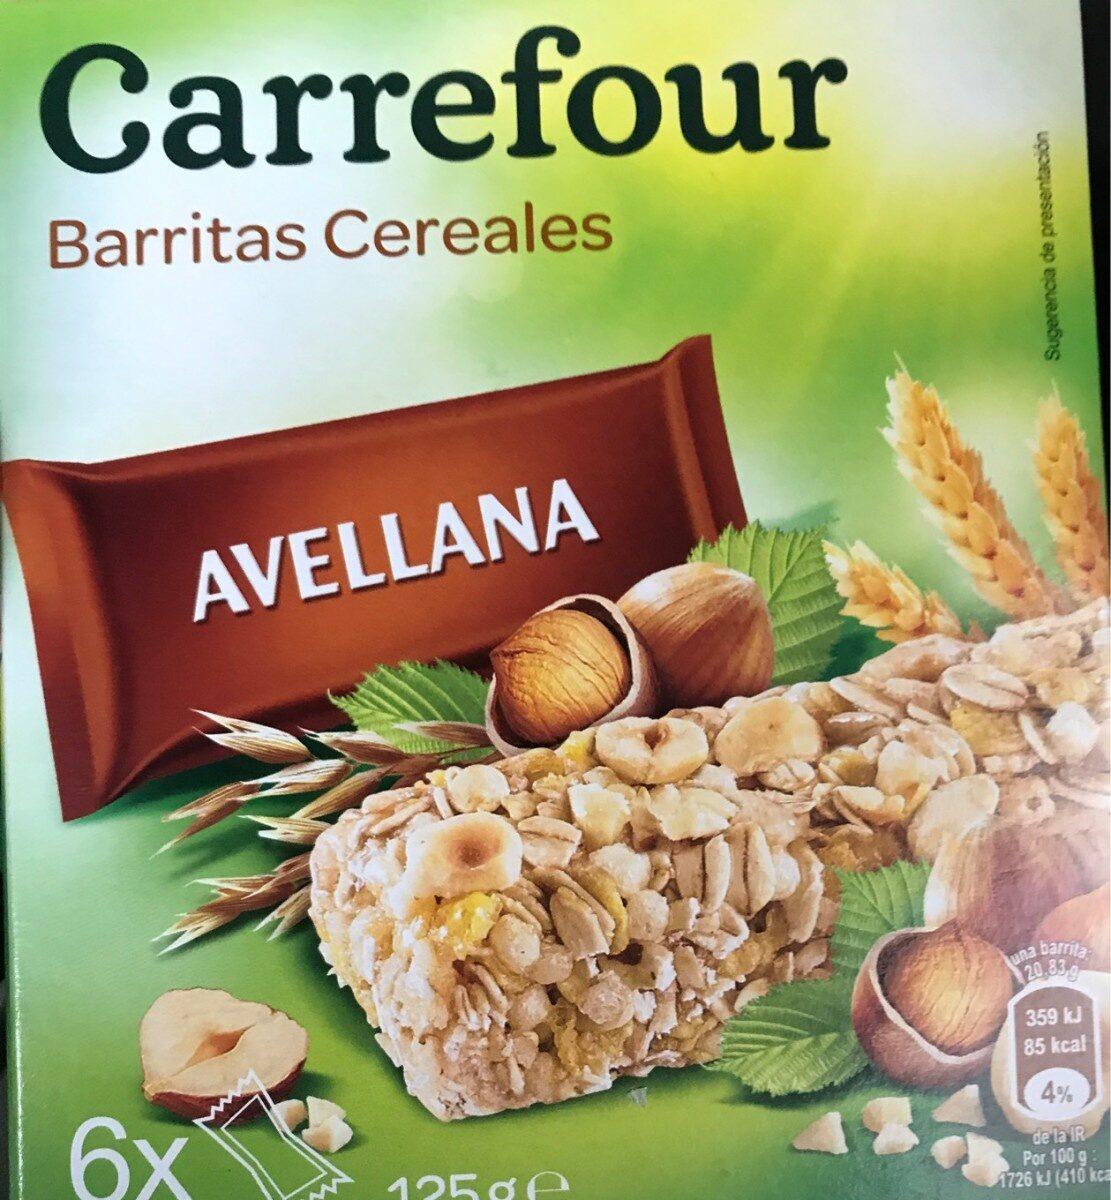 Barritas de cereales Avellanas - Producto - es